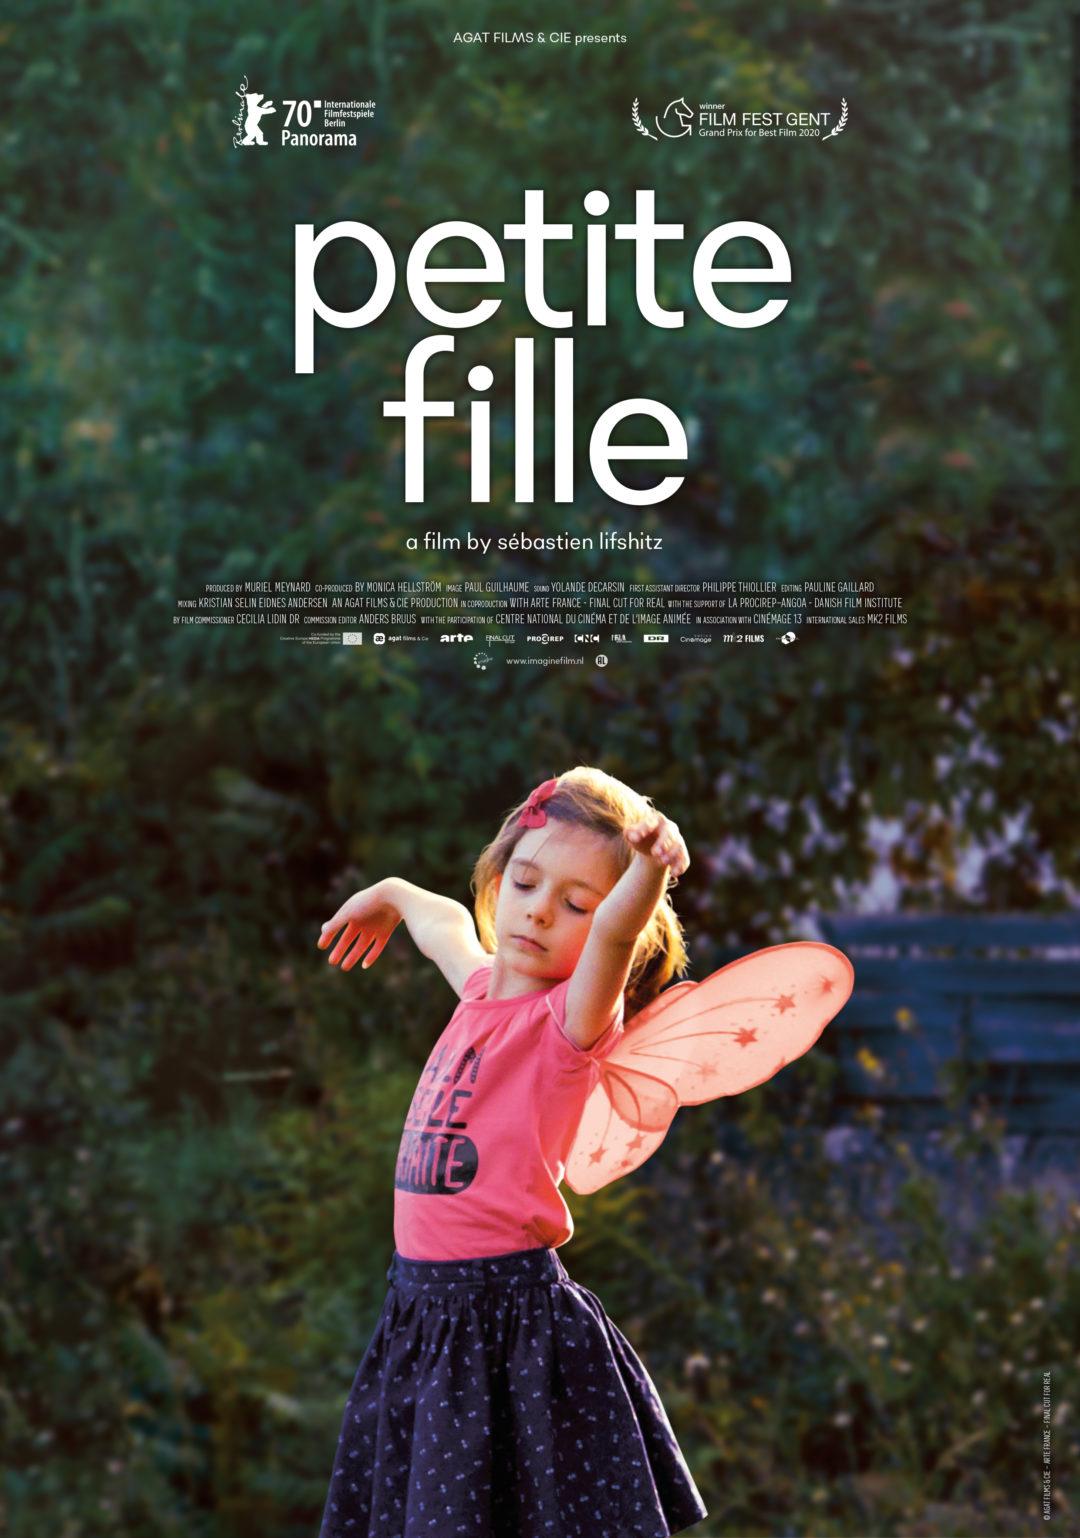 Petite-Fille_ps_1_jpg_sd-high.jpg